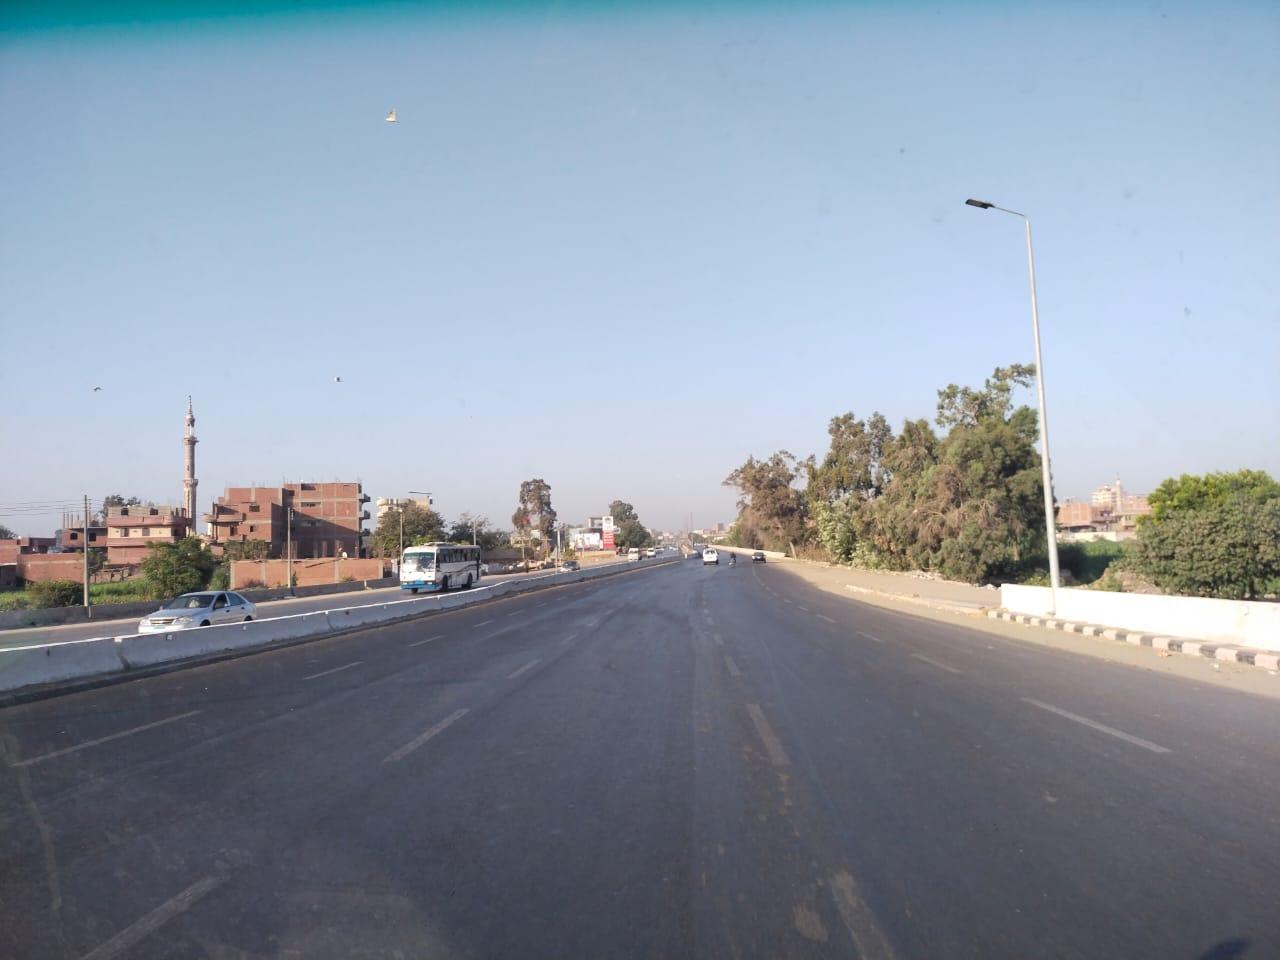 سيولة مرورية بطريق القاهرة الإسكندرية الزراعى (6)